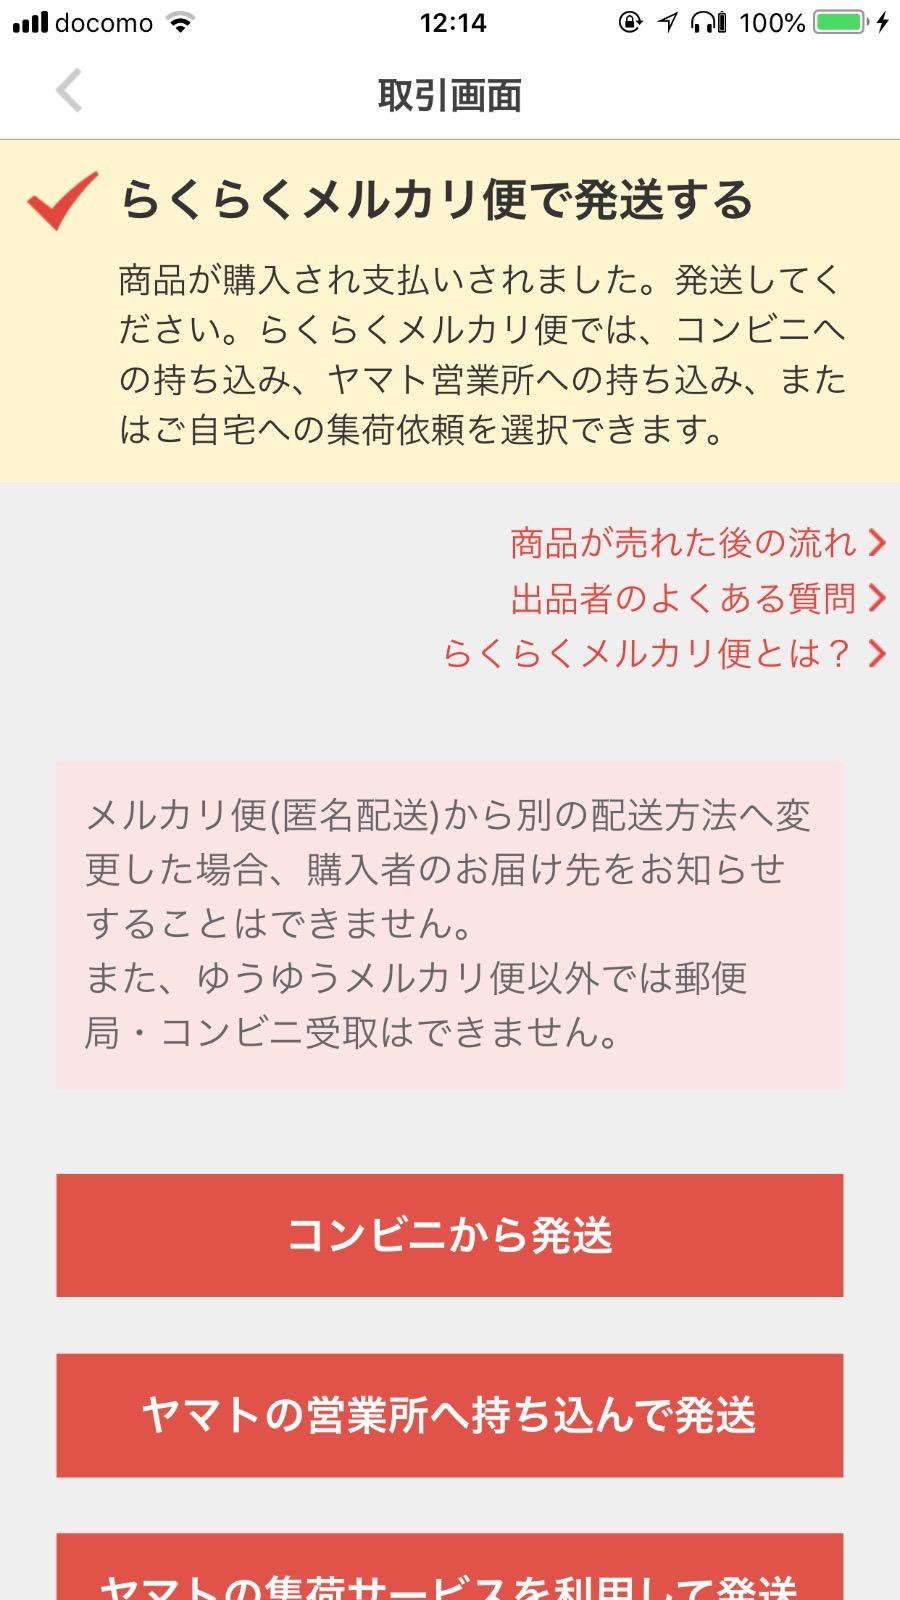 らくらくメルカリ便 セブンイレブン 02